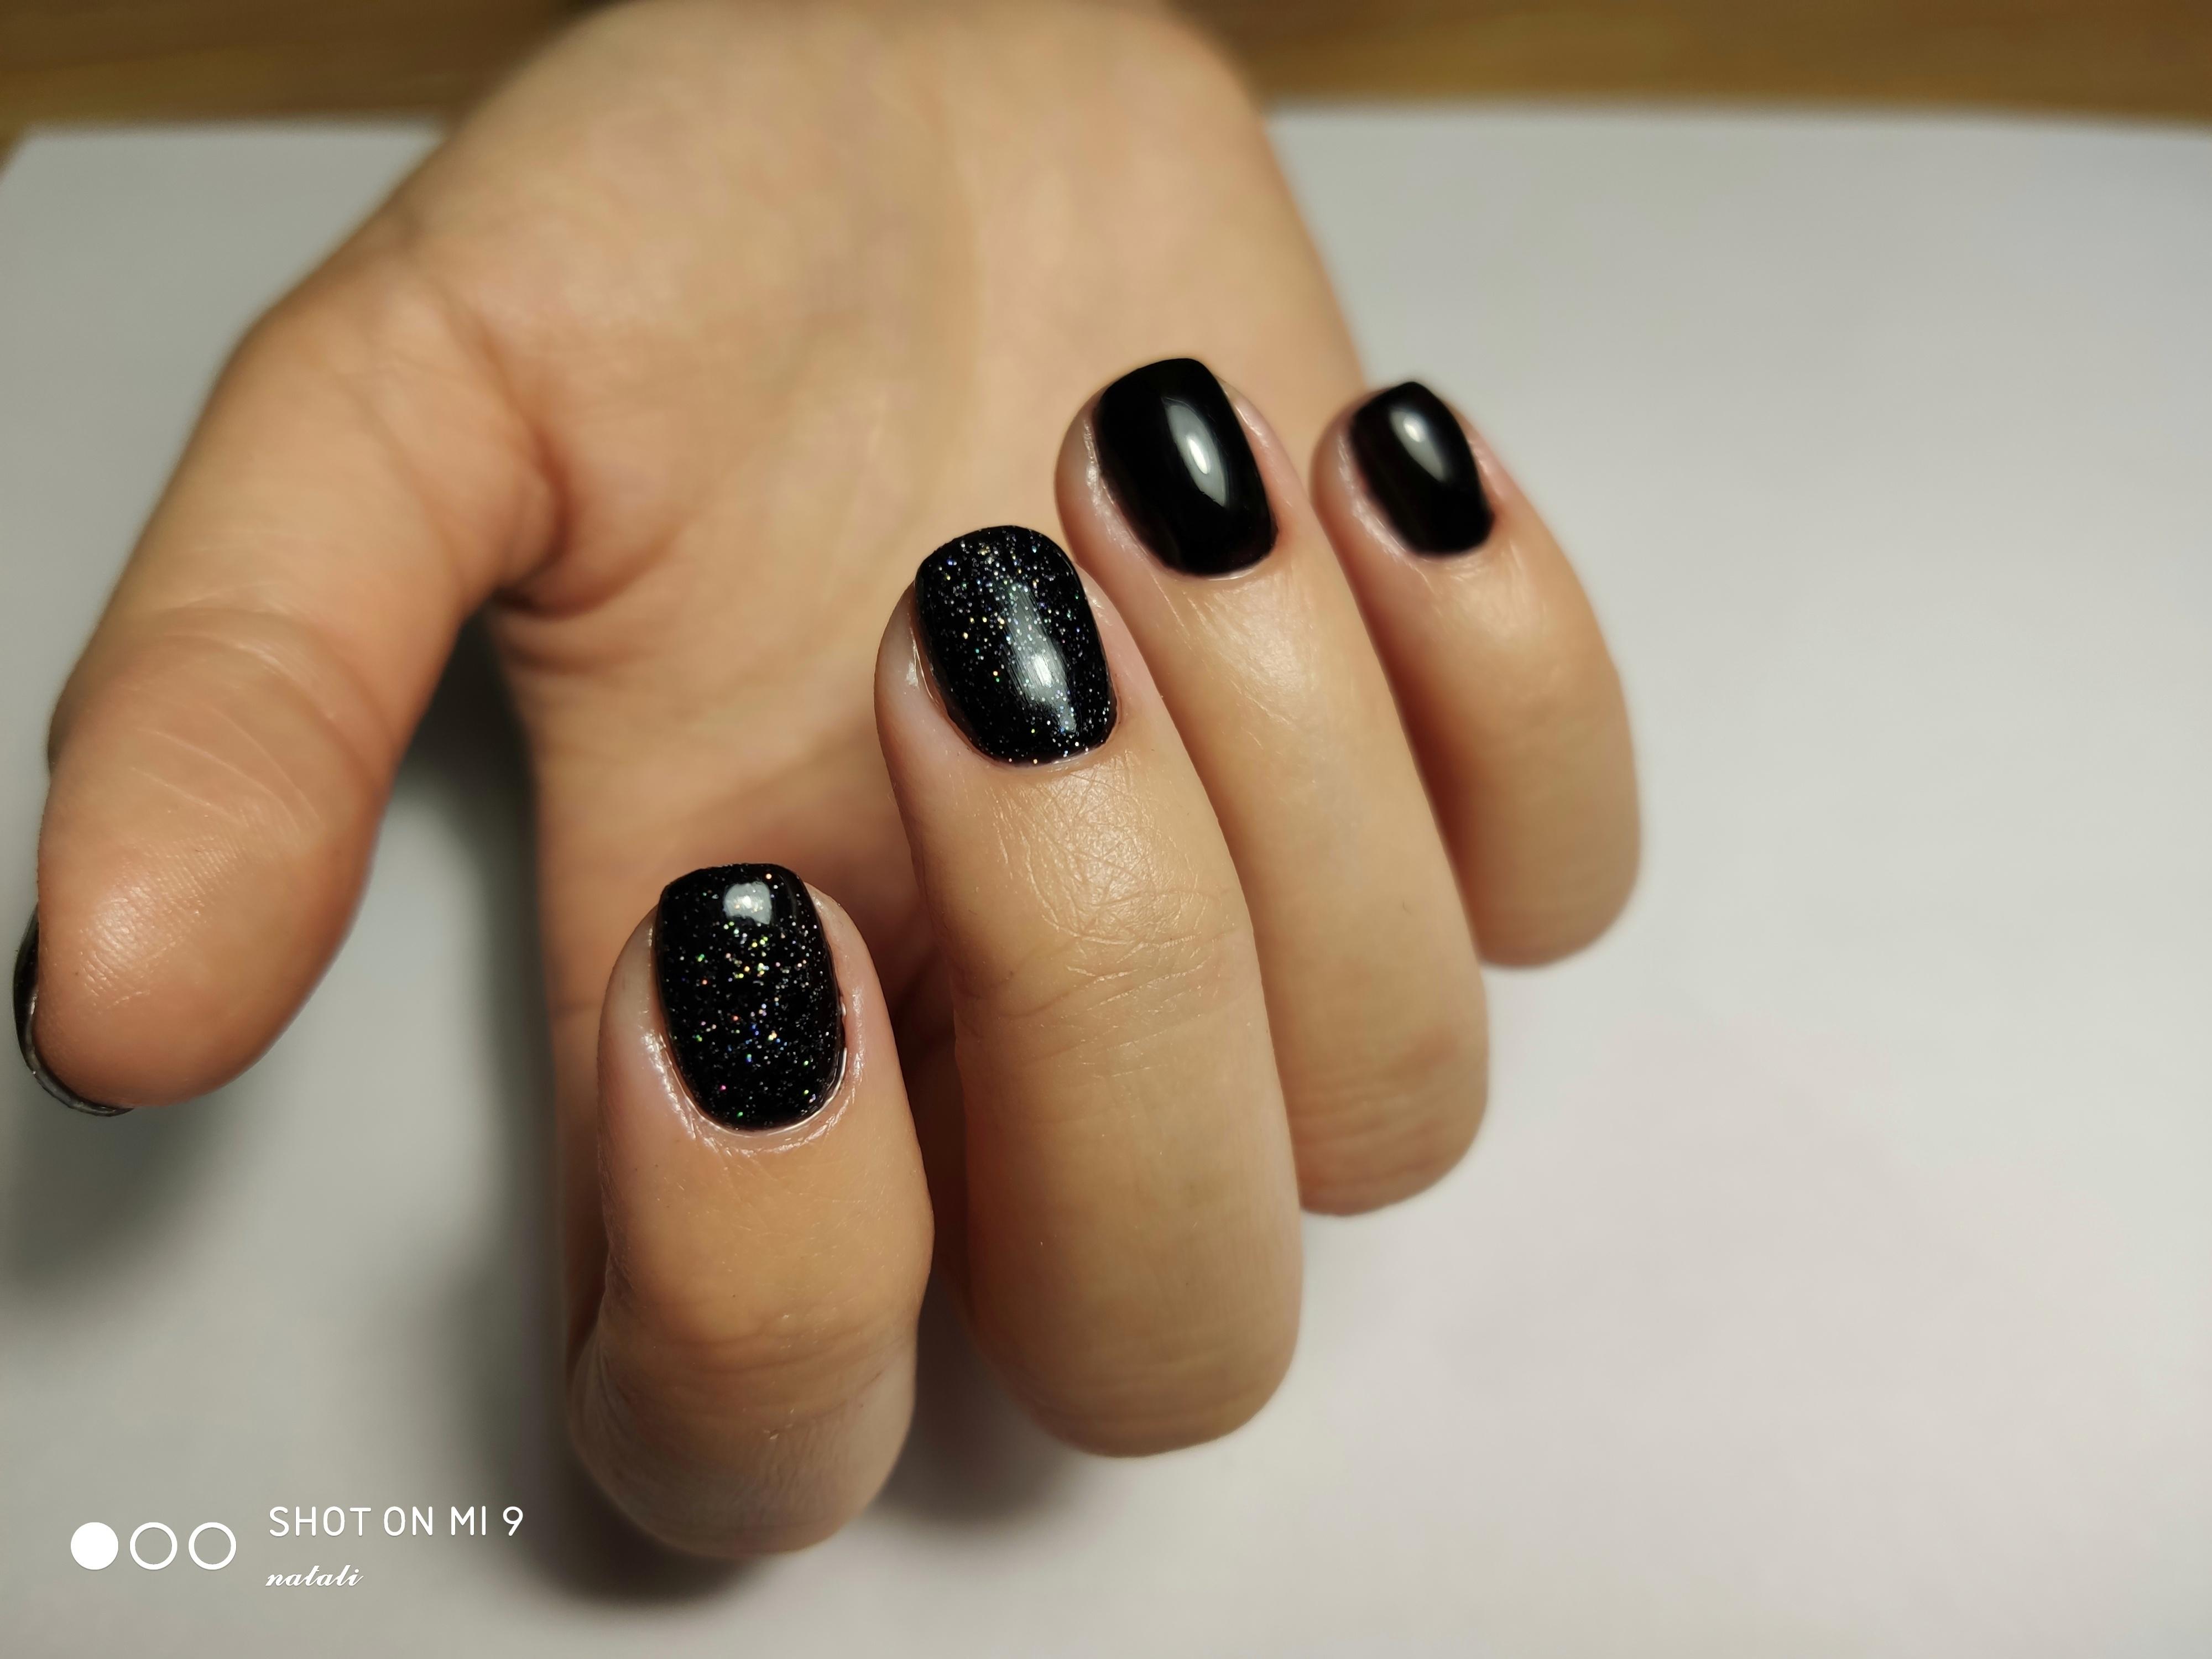 Маникюр с блестками в черном цвете.